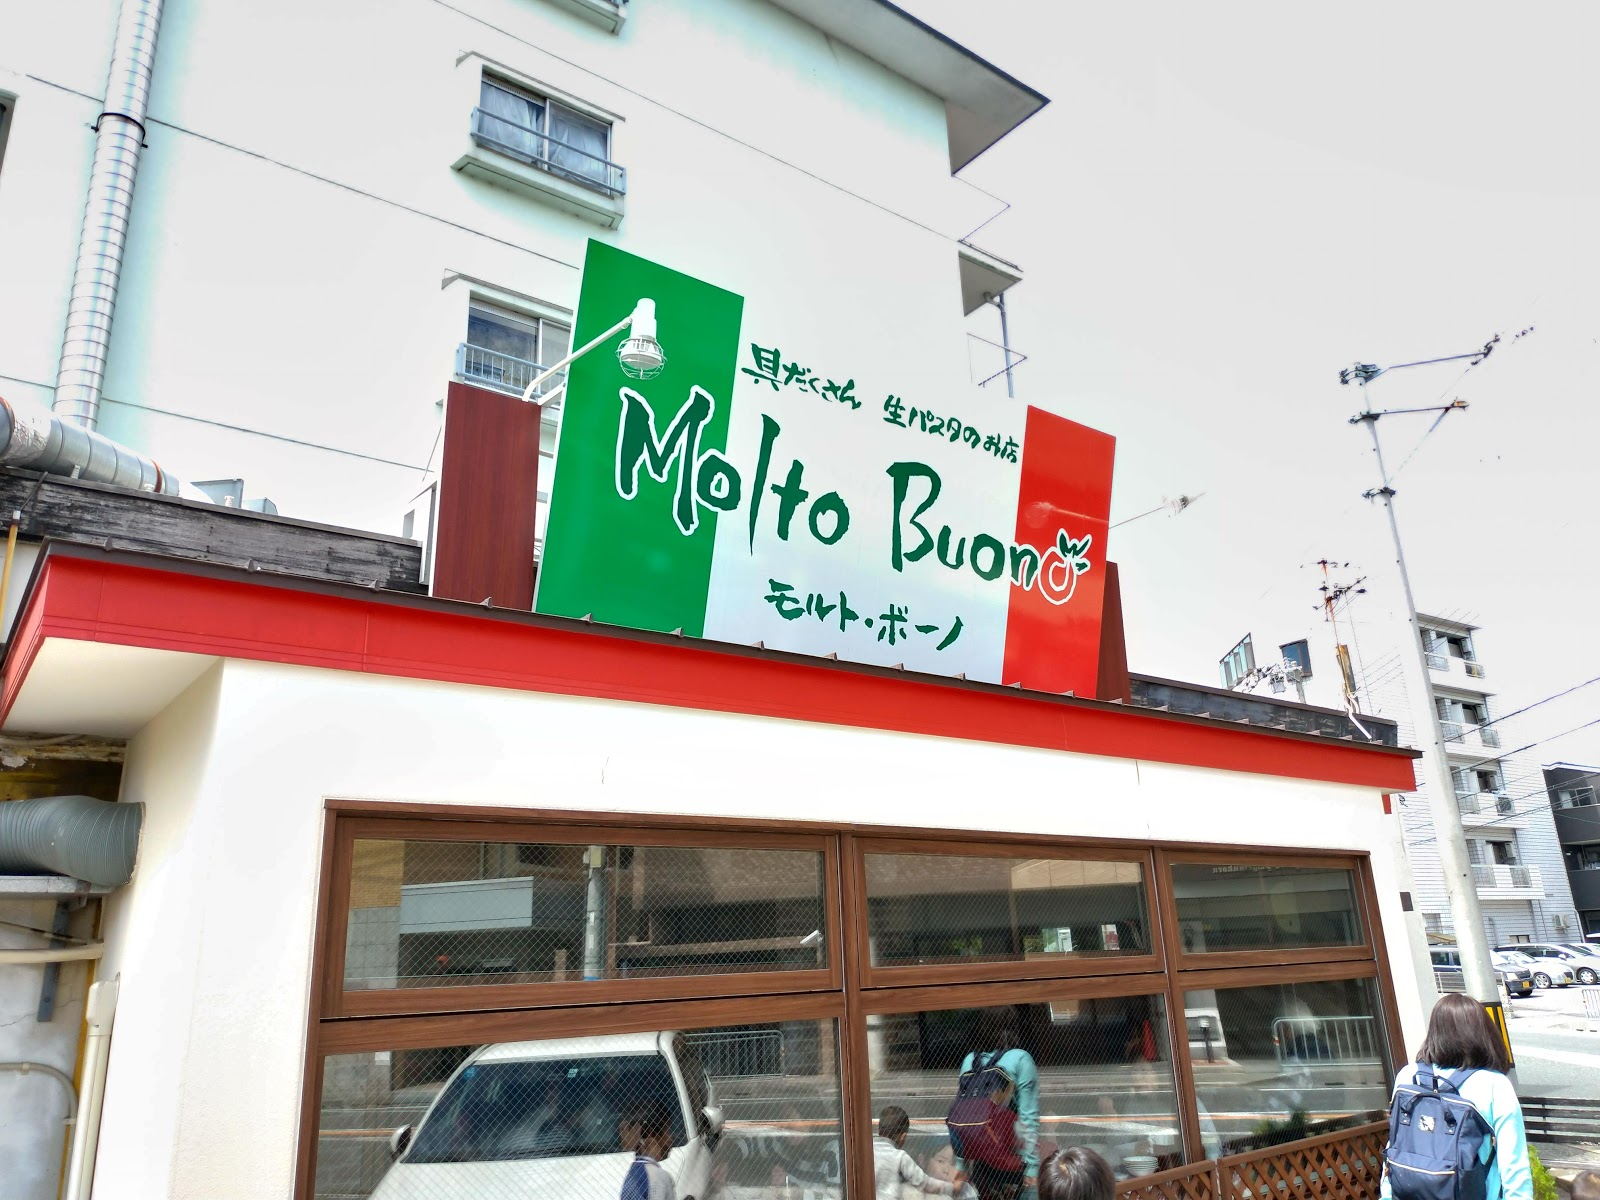 池田市ランチおすすめイタリアンモルトボーノ外観写真